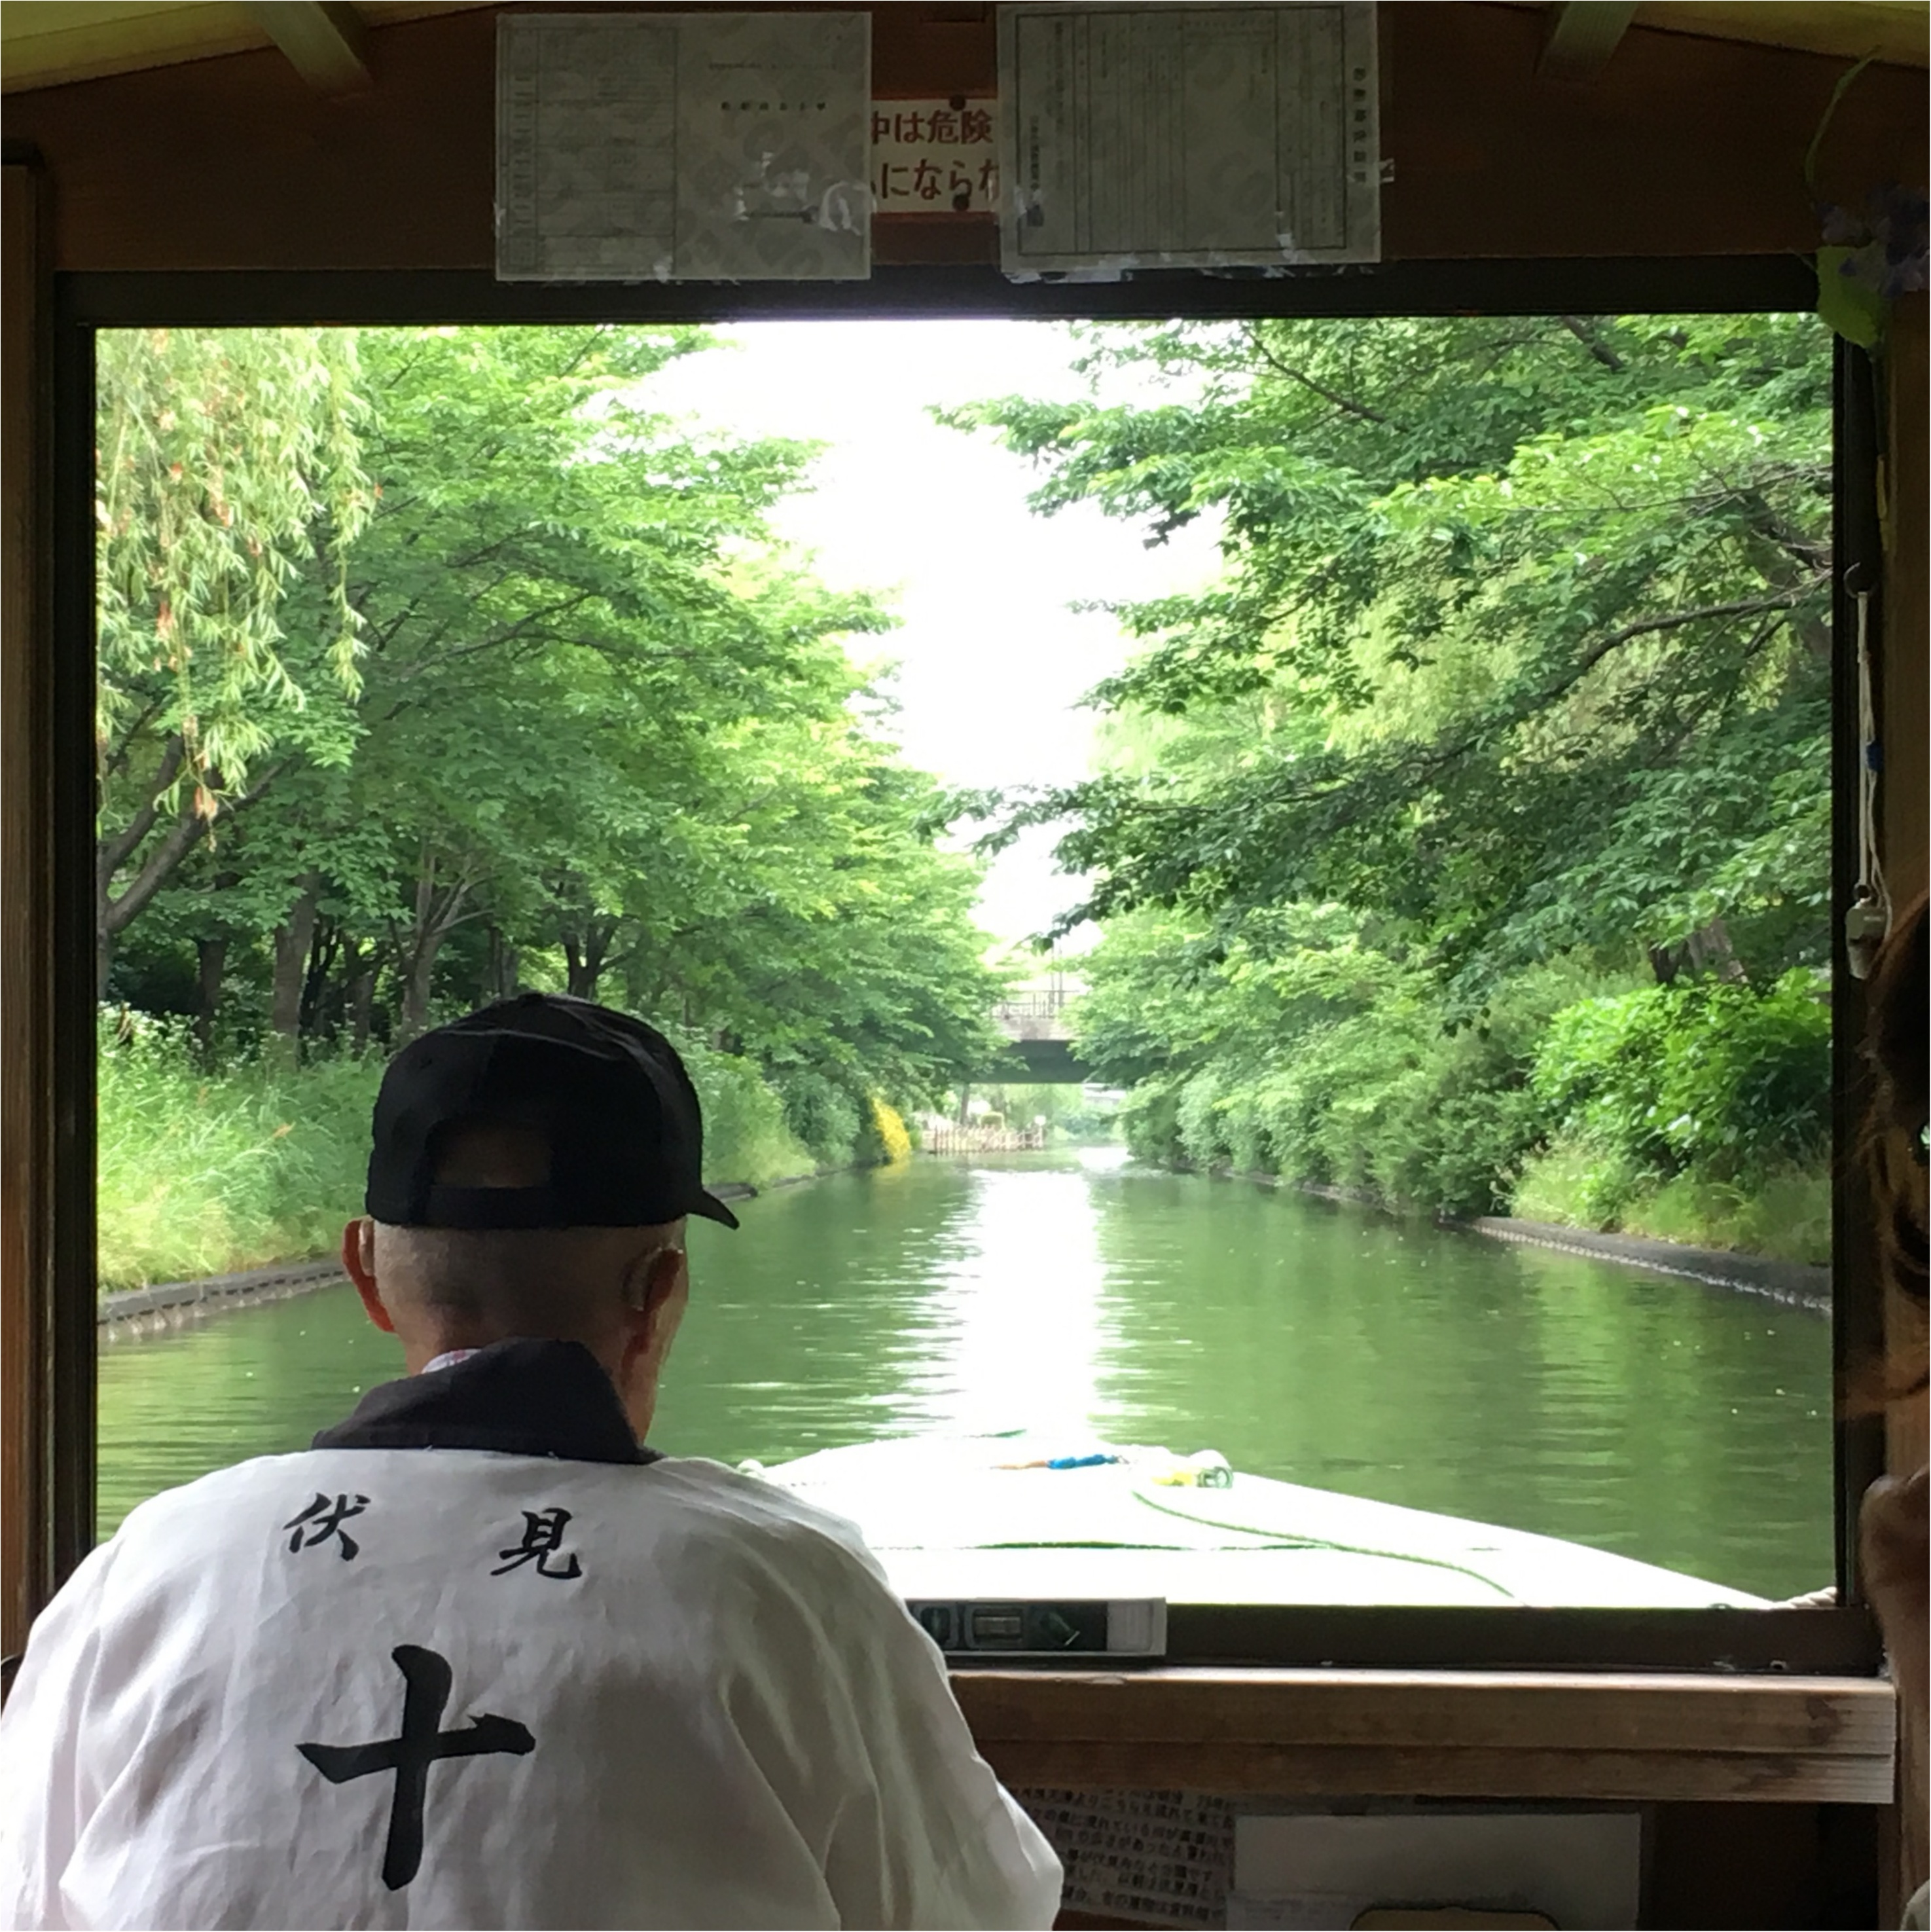 【京都TRIP✳︎】京都に来たなら絶対行くべし!伏見十石舟でゆらゆら♪まったりデート♡_3